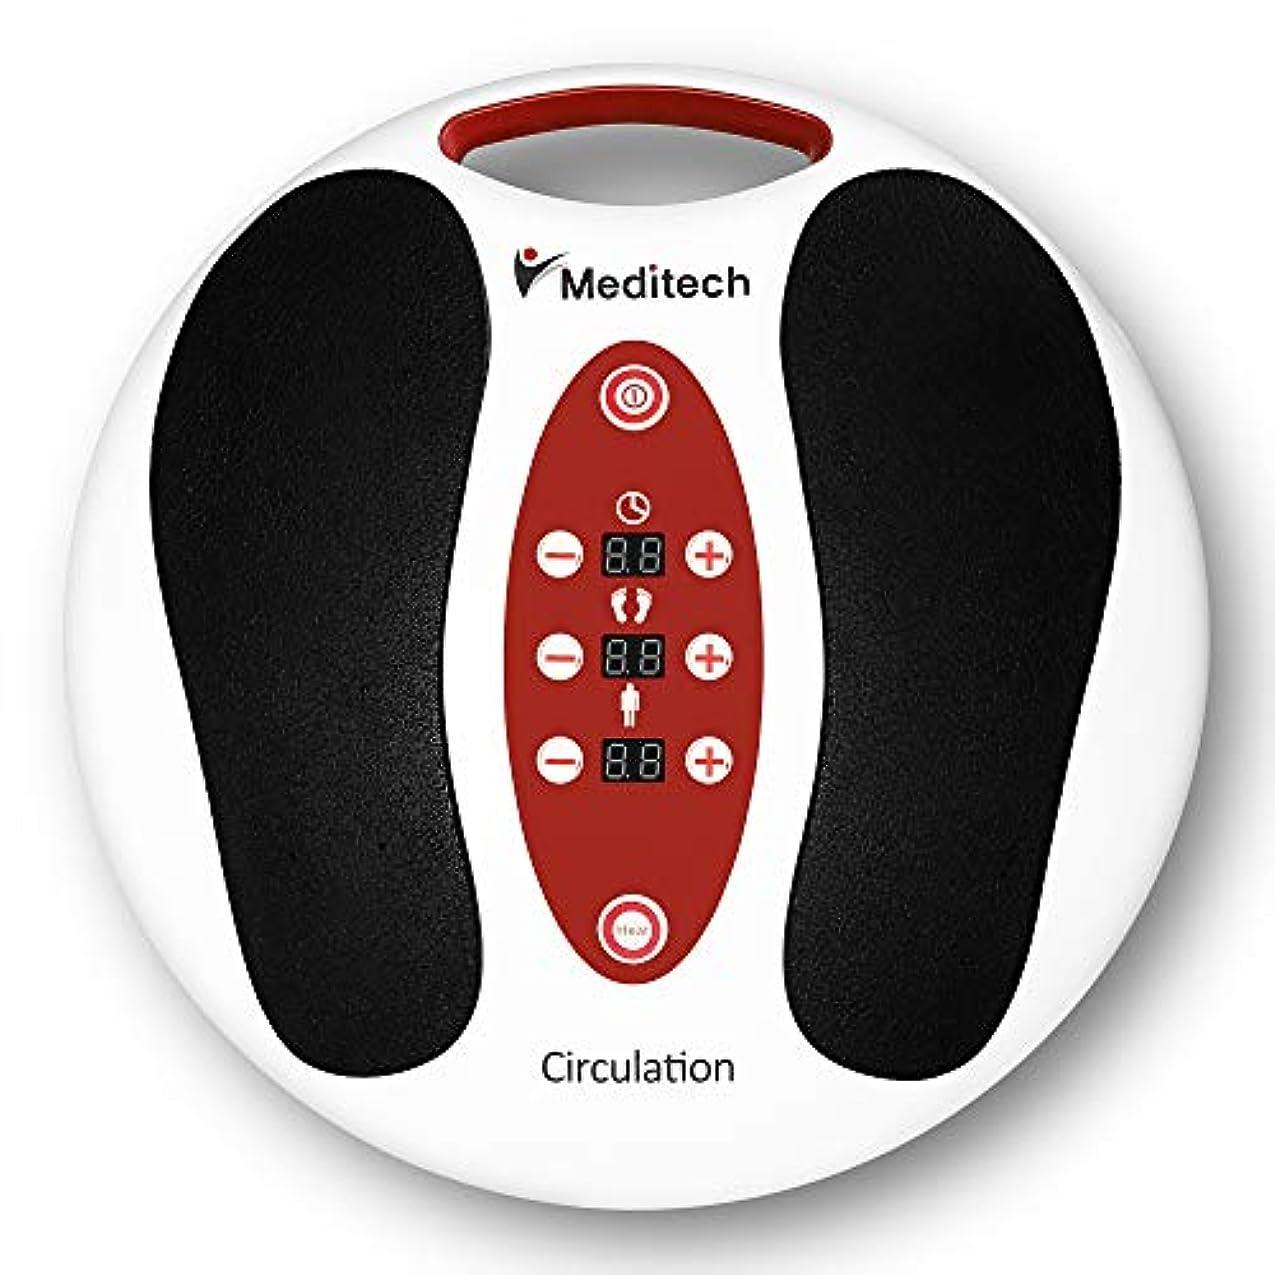 回路ピン適合しましたLsnisni Meditech 人気 フットマッサージ 足裏マッサージ マッサージ器 マッサージ機 肩こり 背中 腰 血行促進 ストレス解消 電極パッド?赤外線機能付 99段階調節 25マッサージモード 1年間保証